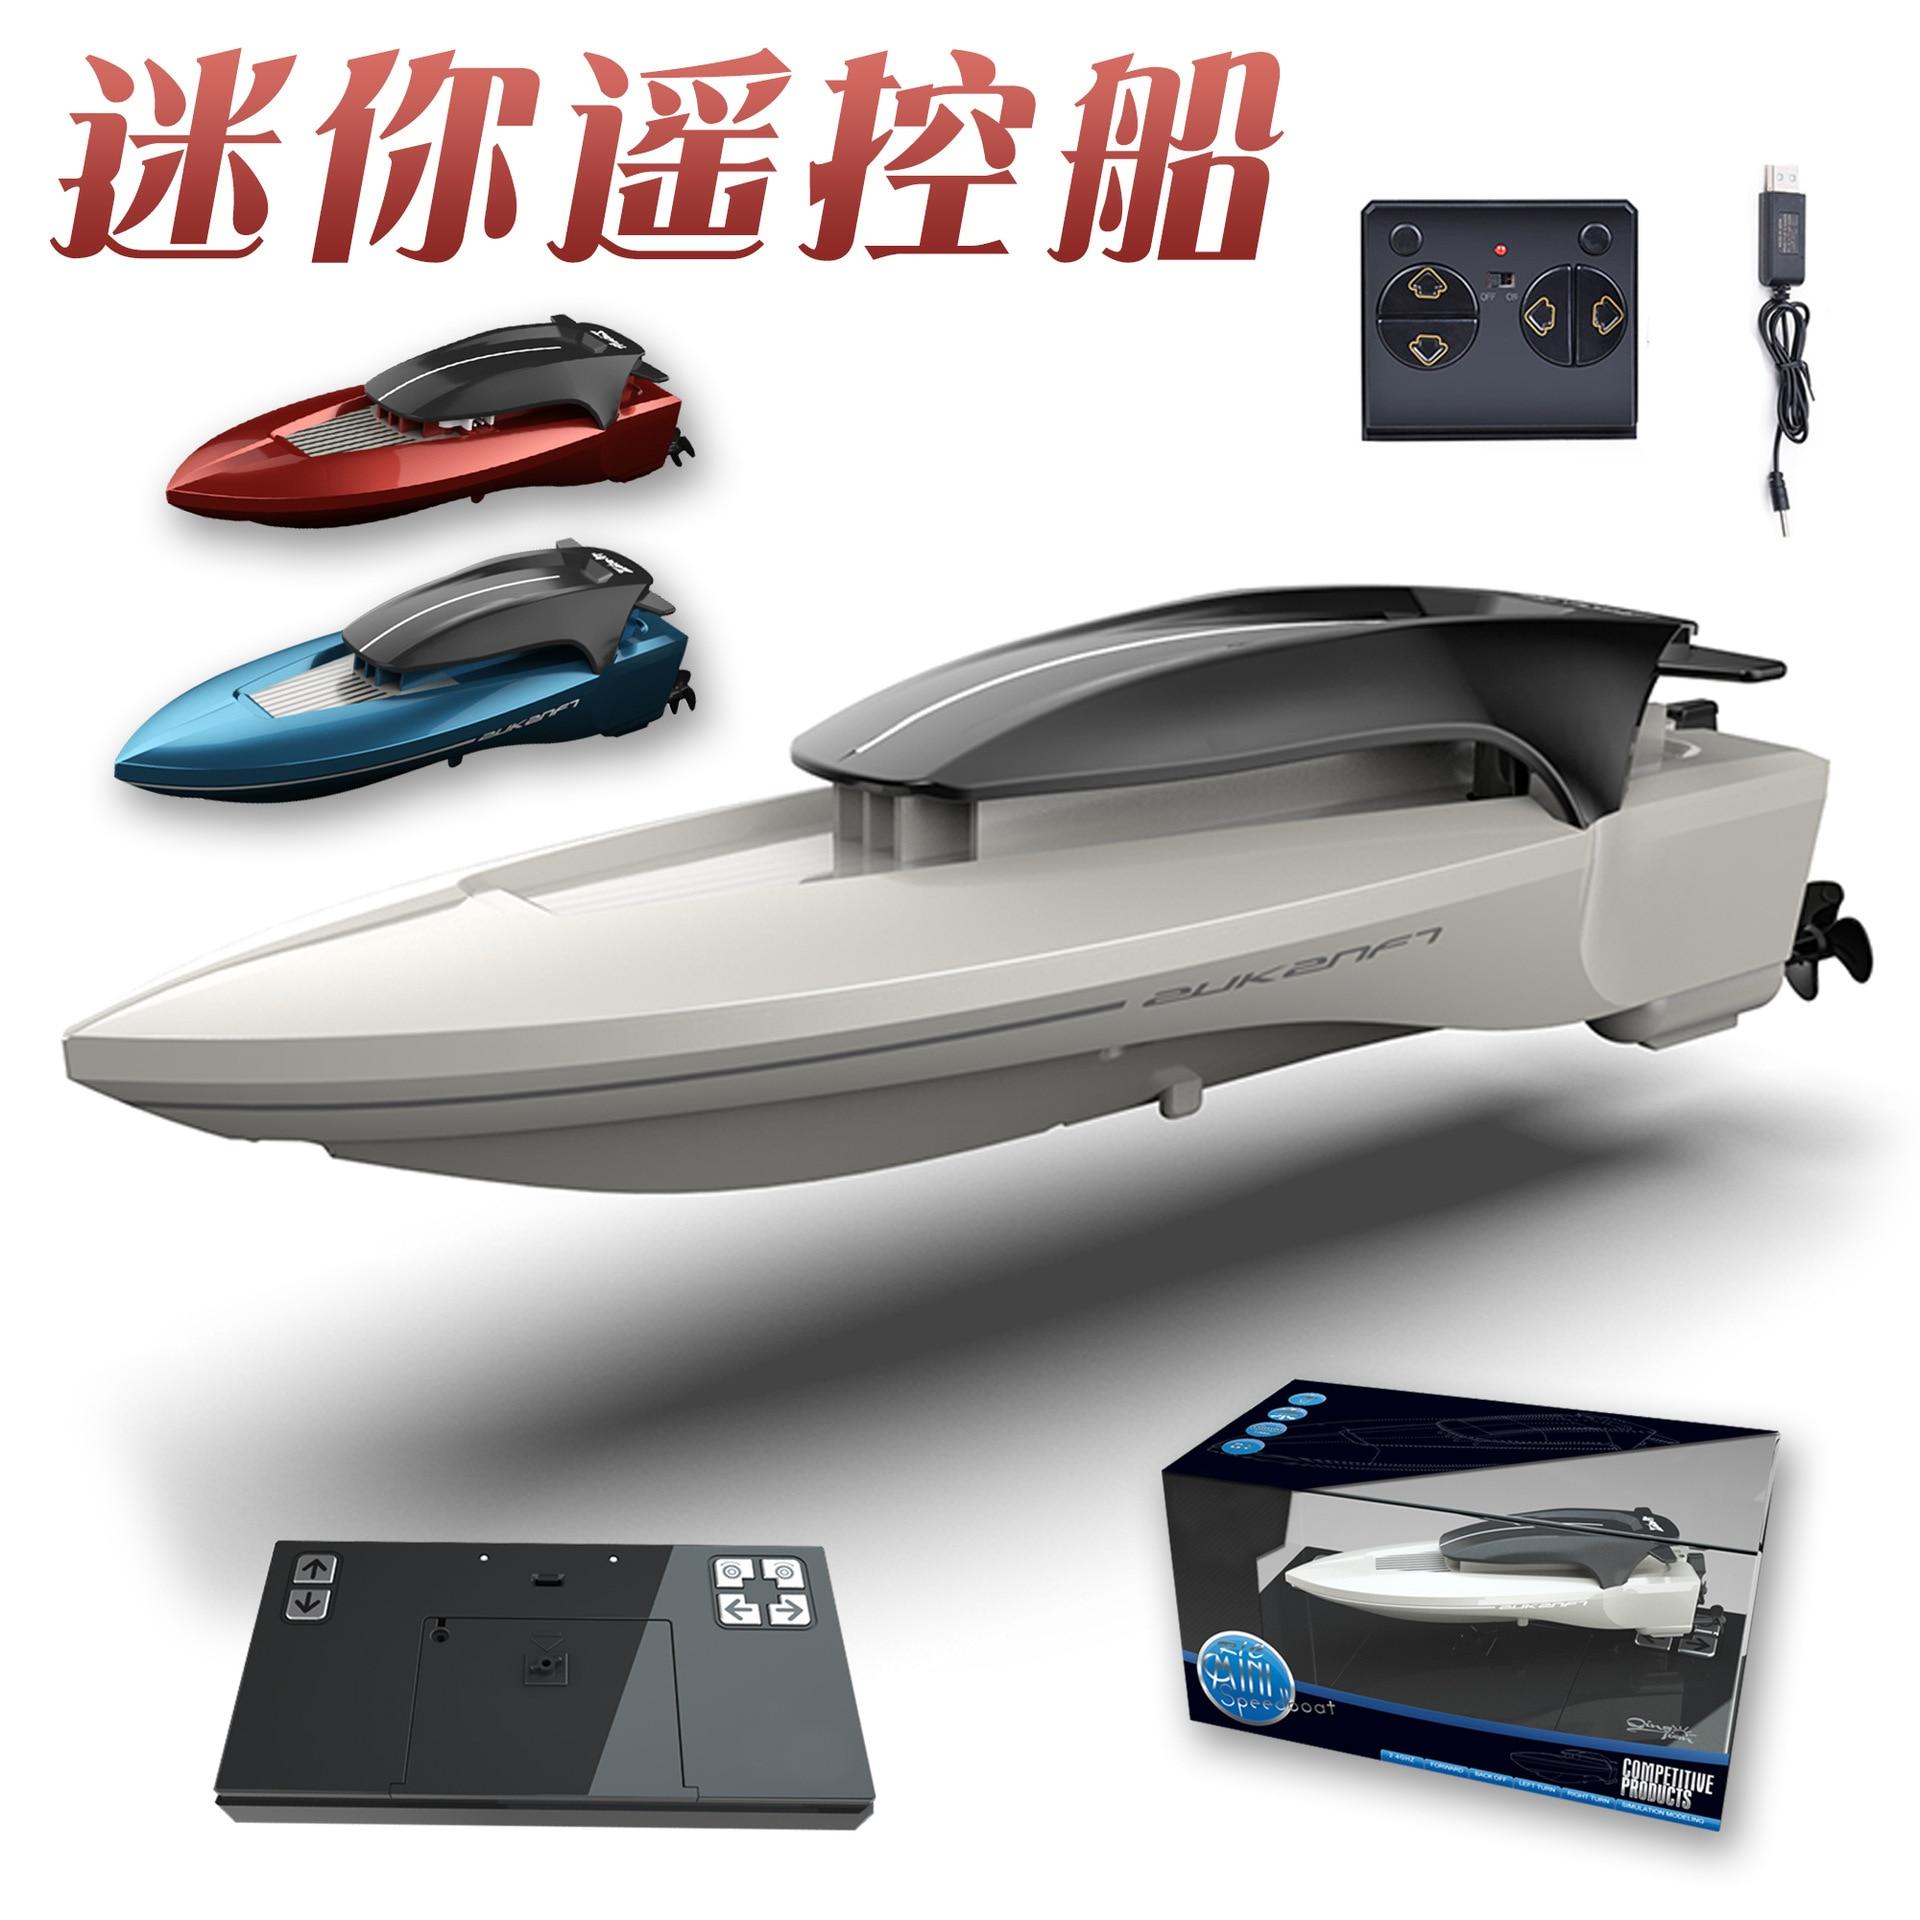 Carcasa de modelo para Barco a Control remoto, controlador de batería, Motor...